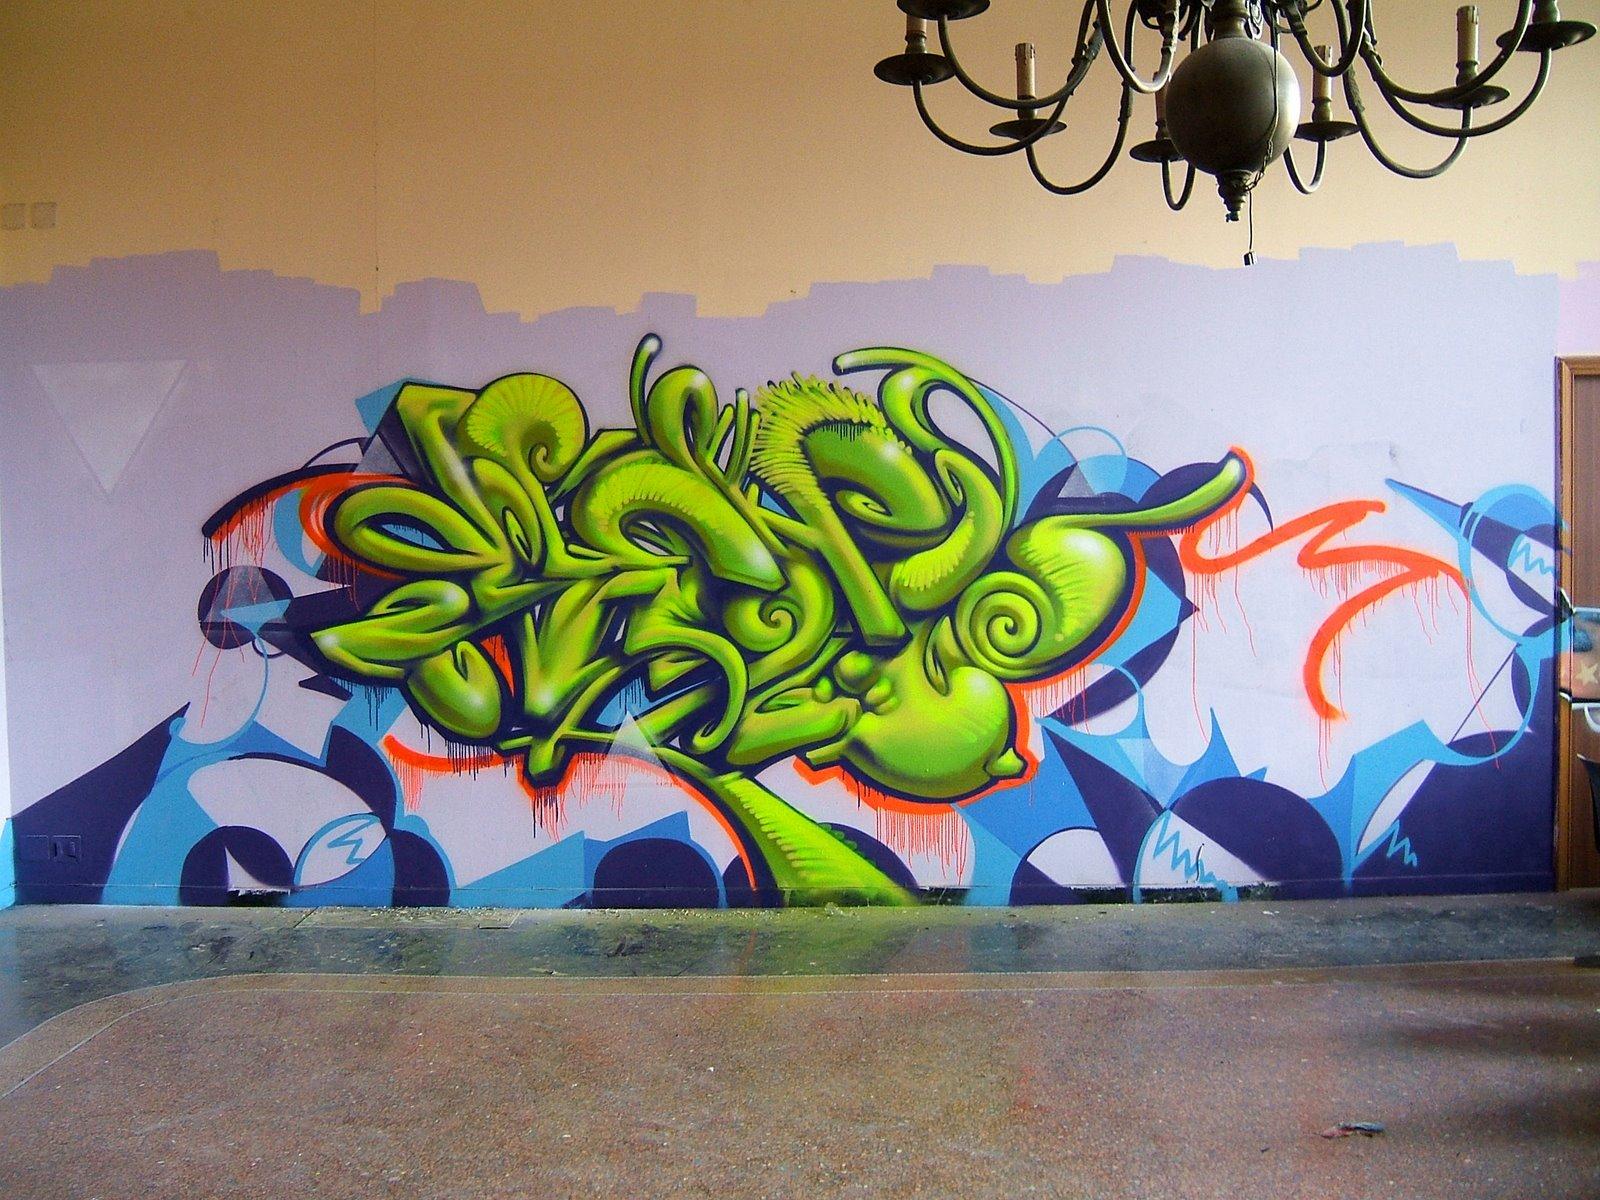 graffiti pictures graffiti pictures graffiti pictures graffiti ...